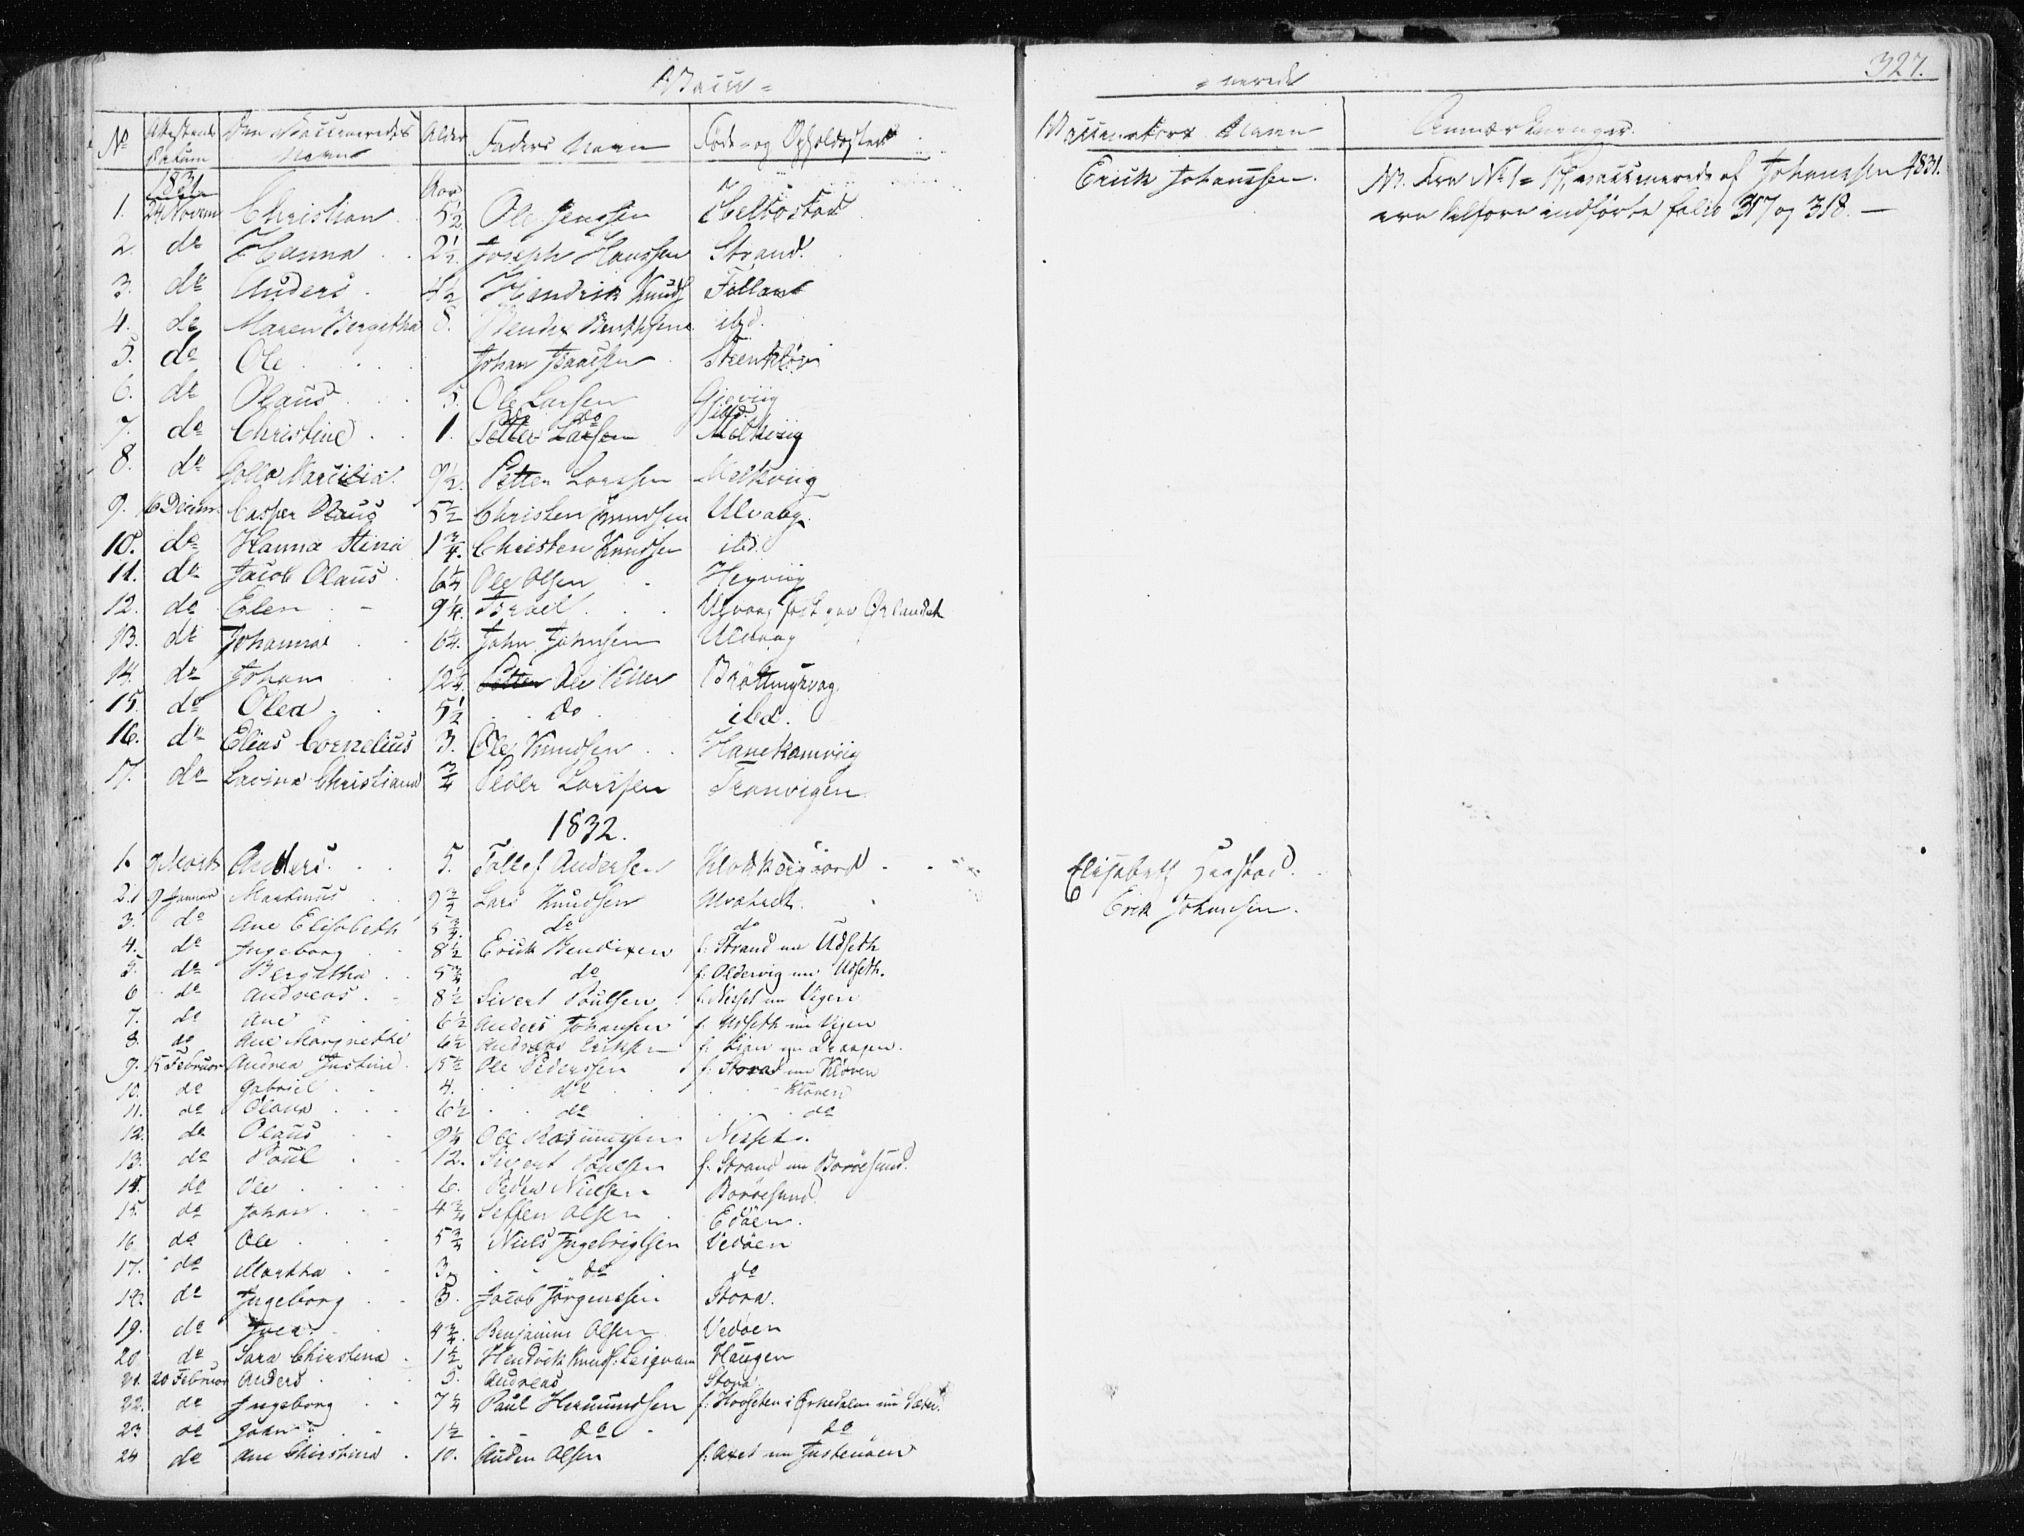 SAT, Ministerialprotokoller, klokkerbøker og fødselsregistre - Sør-Trøndelag, 634/L0528: Ministerialbok nr. 634A04, 1827-1842, s. 327